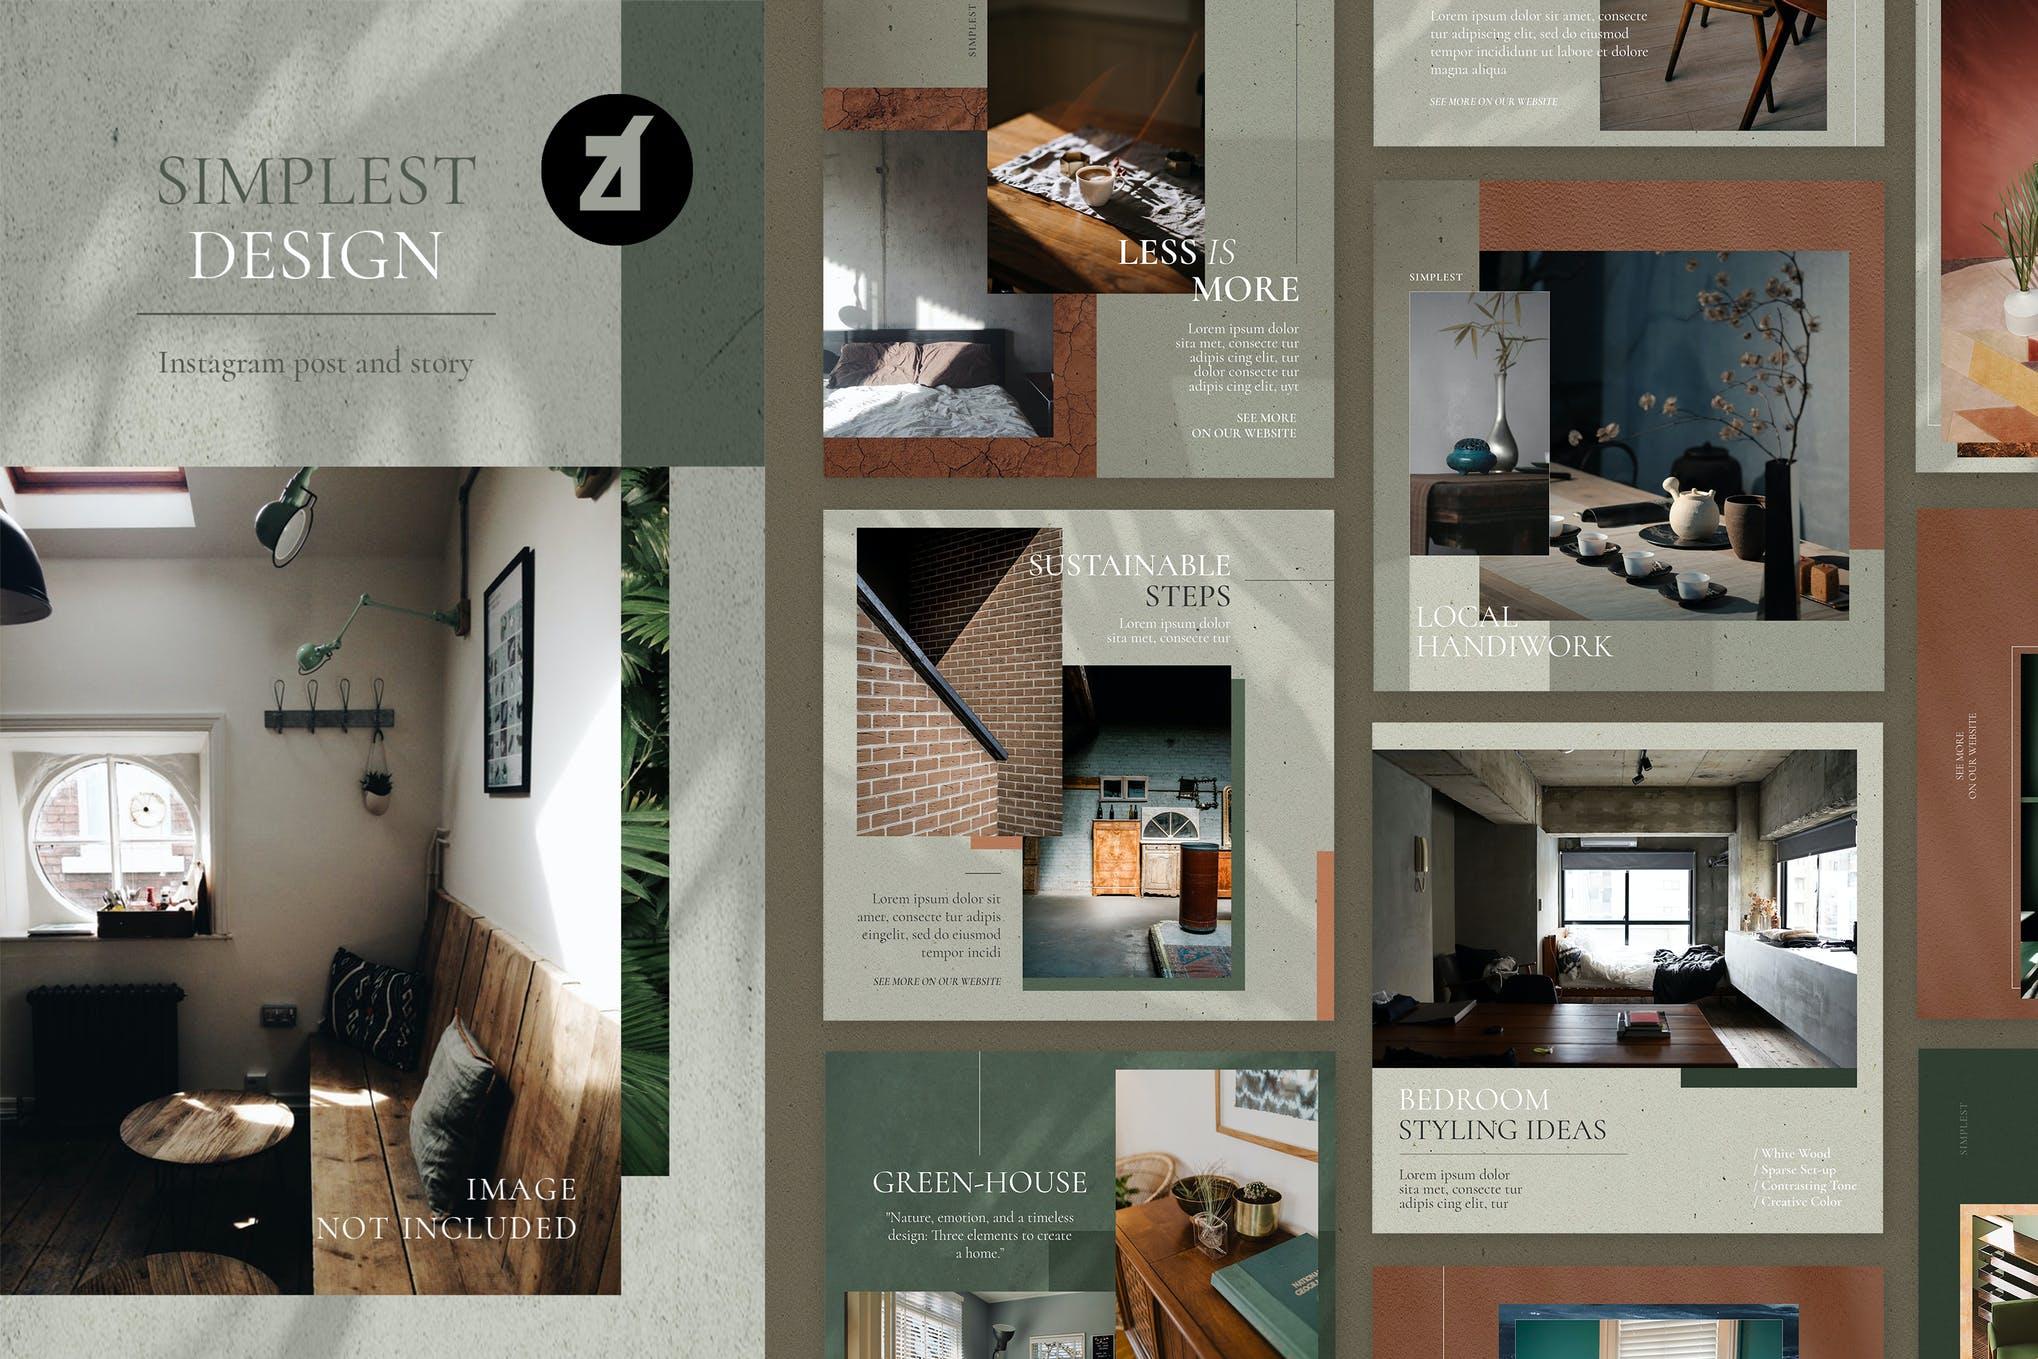 现代时尚室内家居设计作品集推广新媒体电商海报模板 The Simplest Social Media Graphic Templates插图